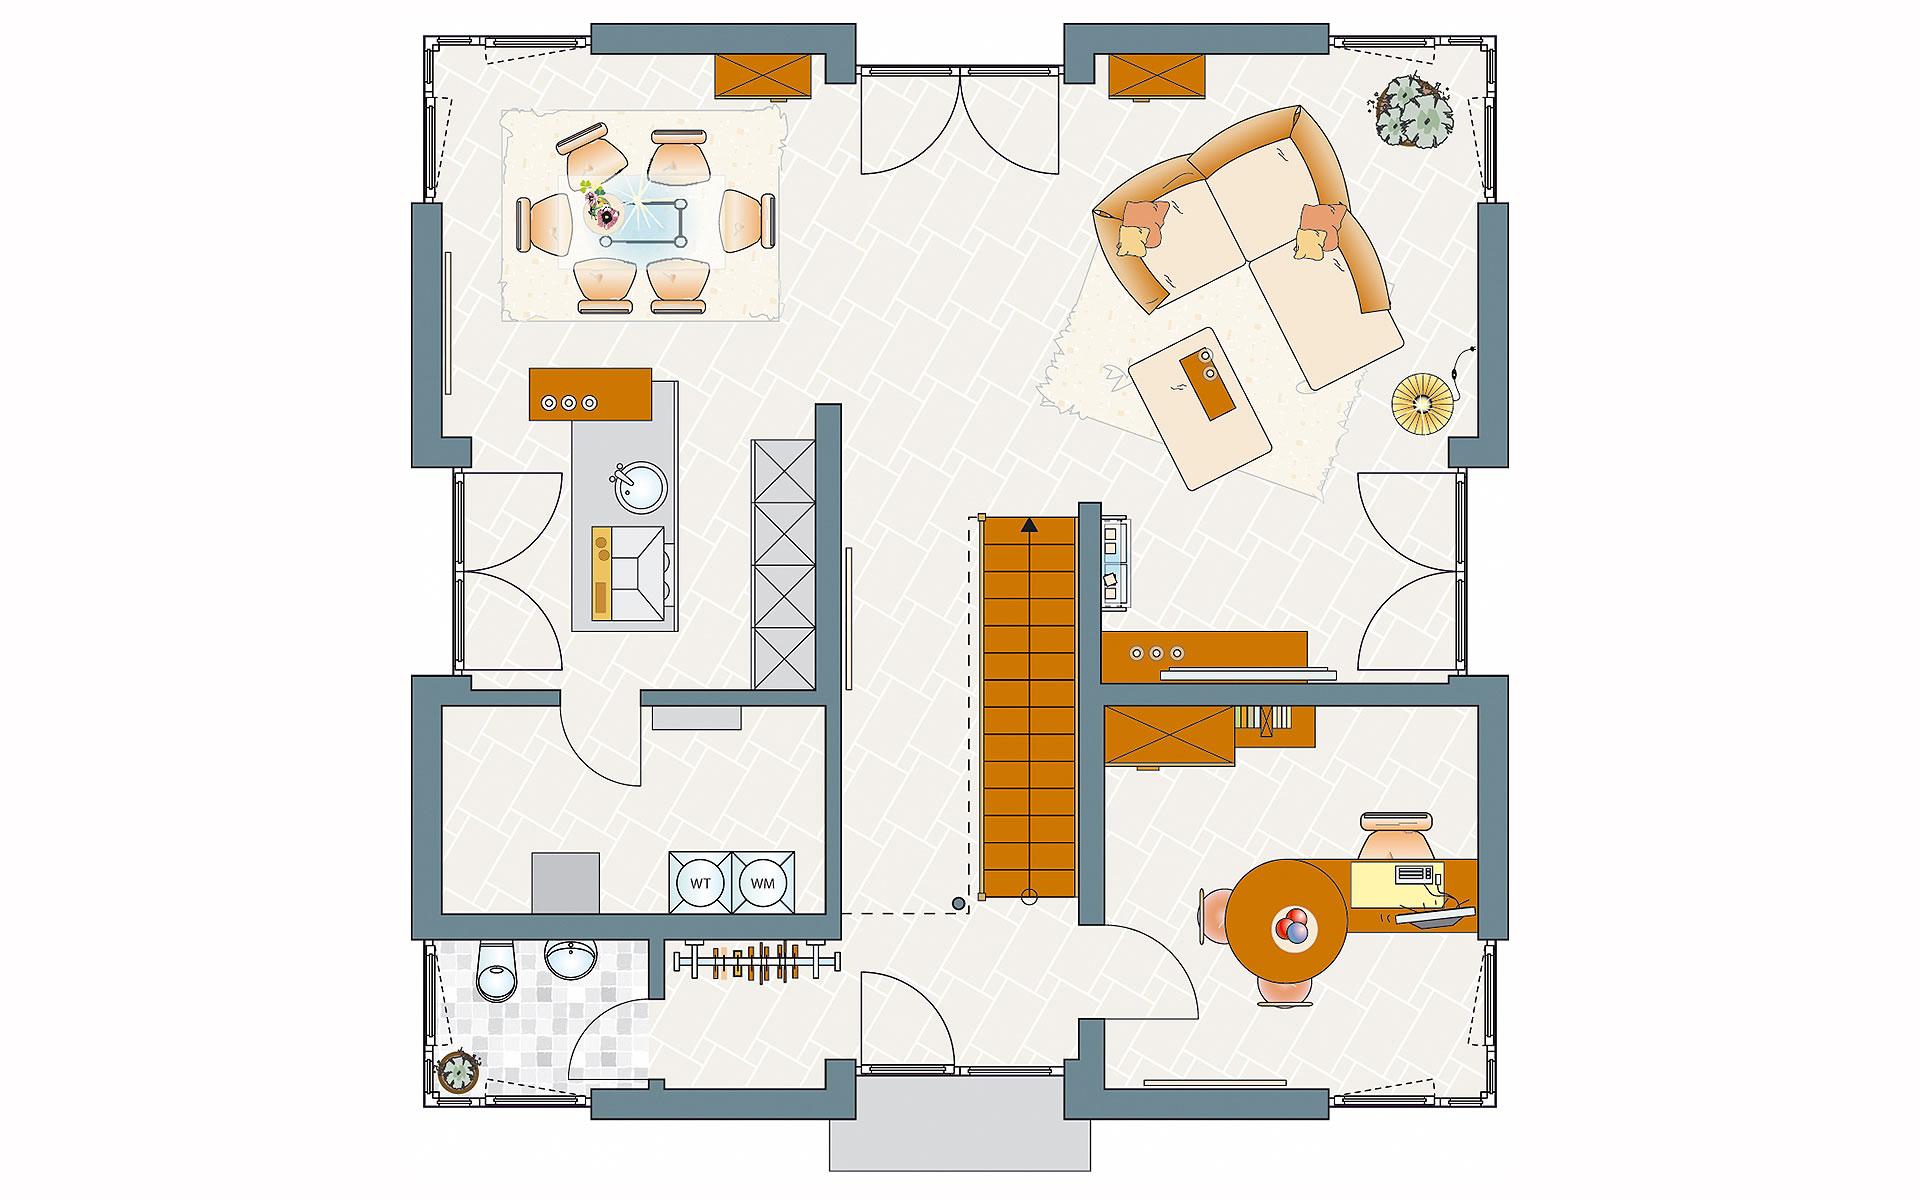 Erdgeschoss BRAVUR 550 - MH Bad Vilbel von FingerHaus GmbH